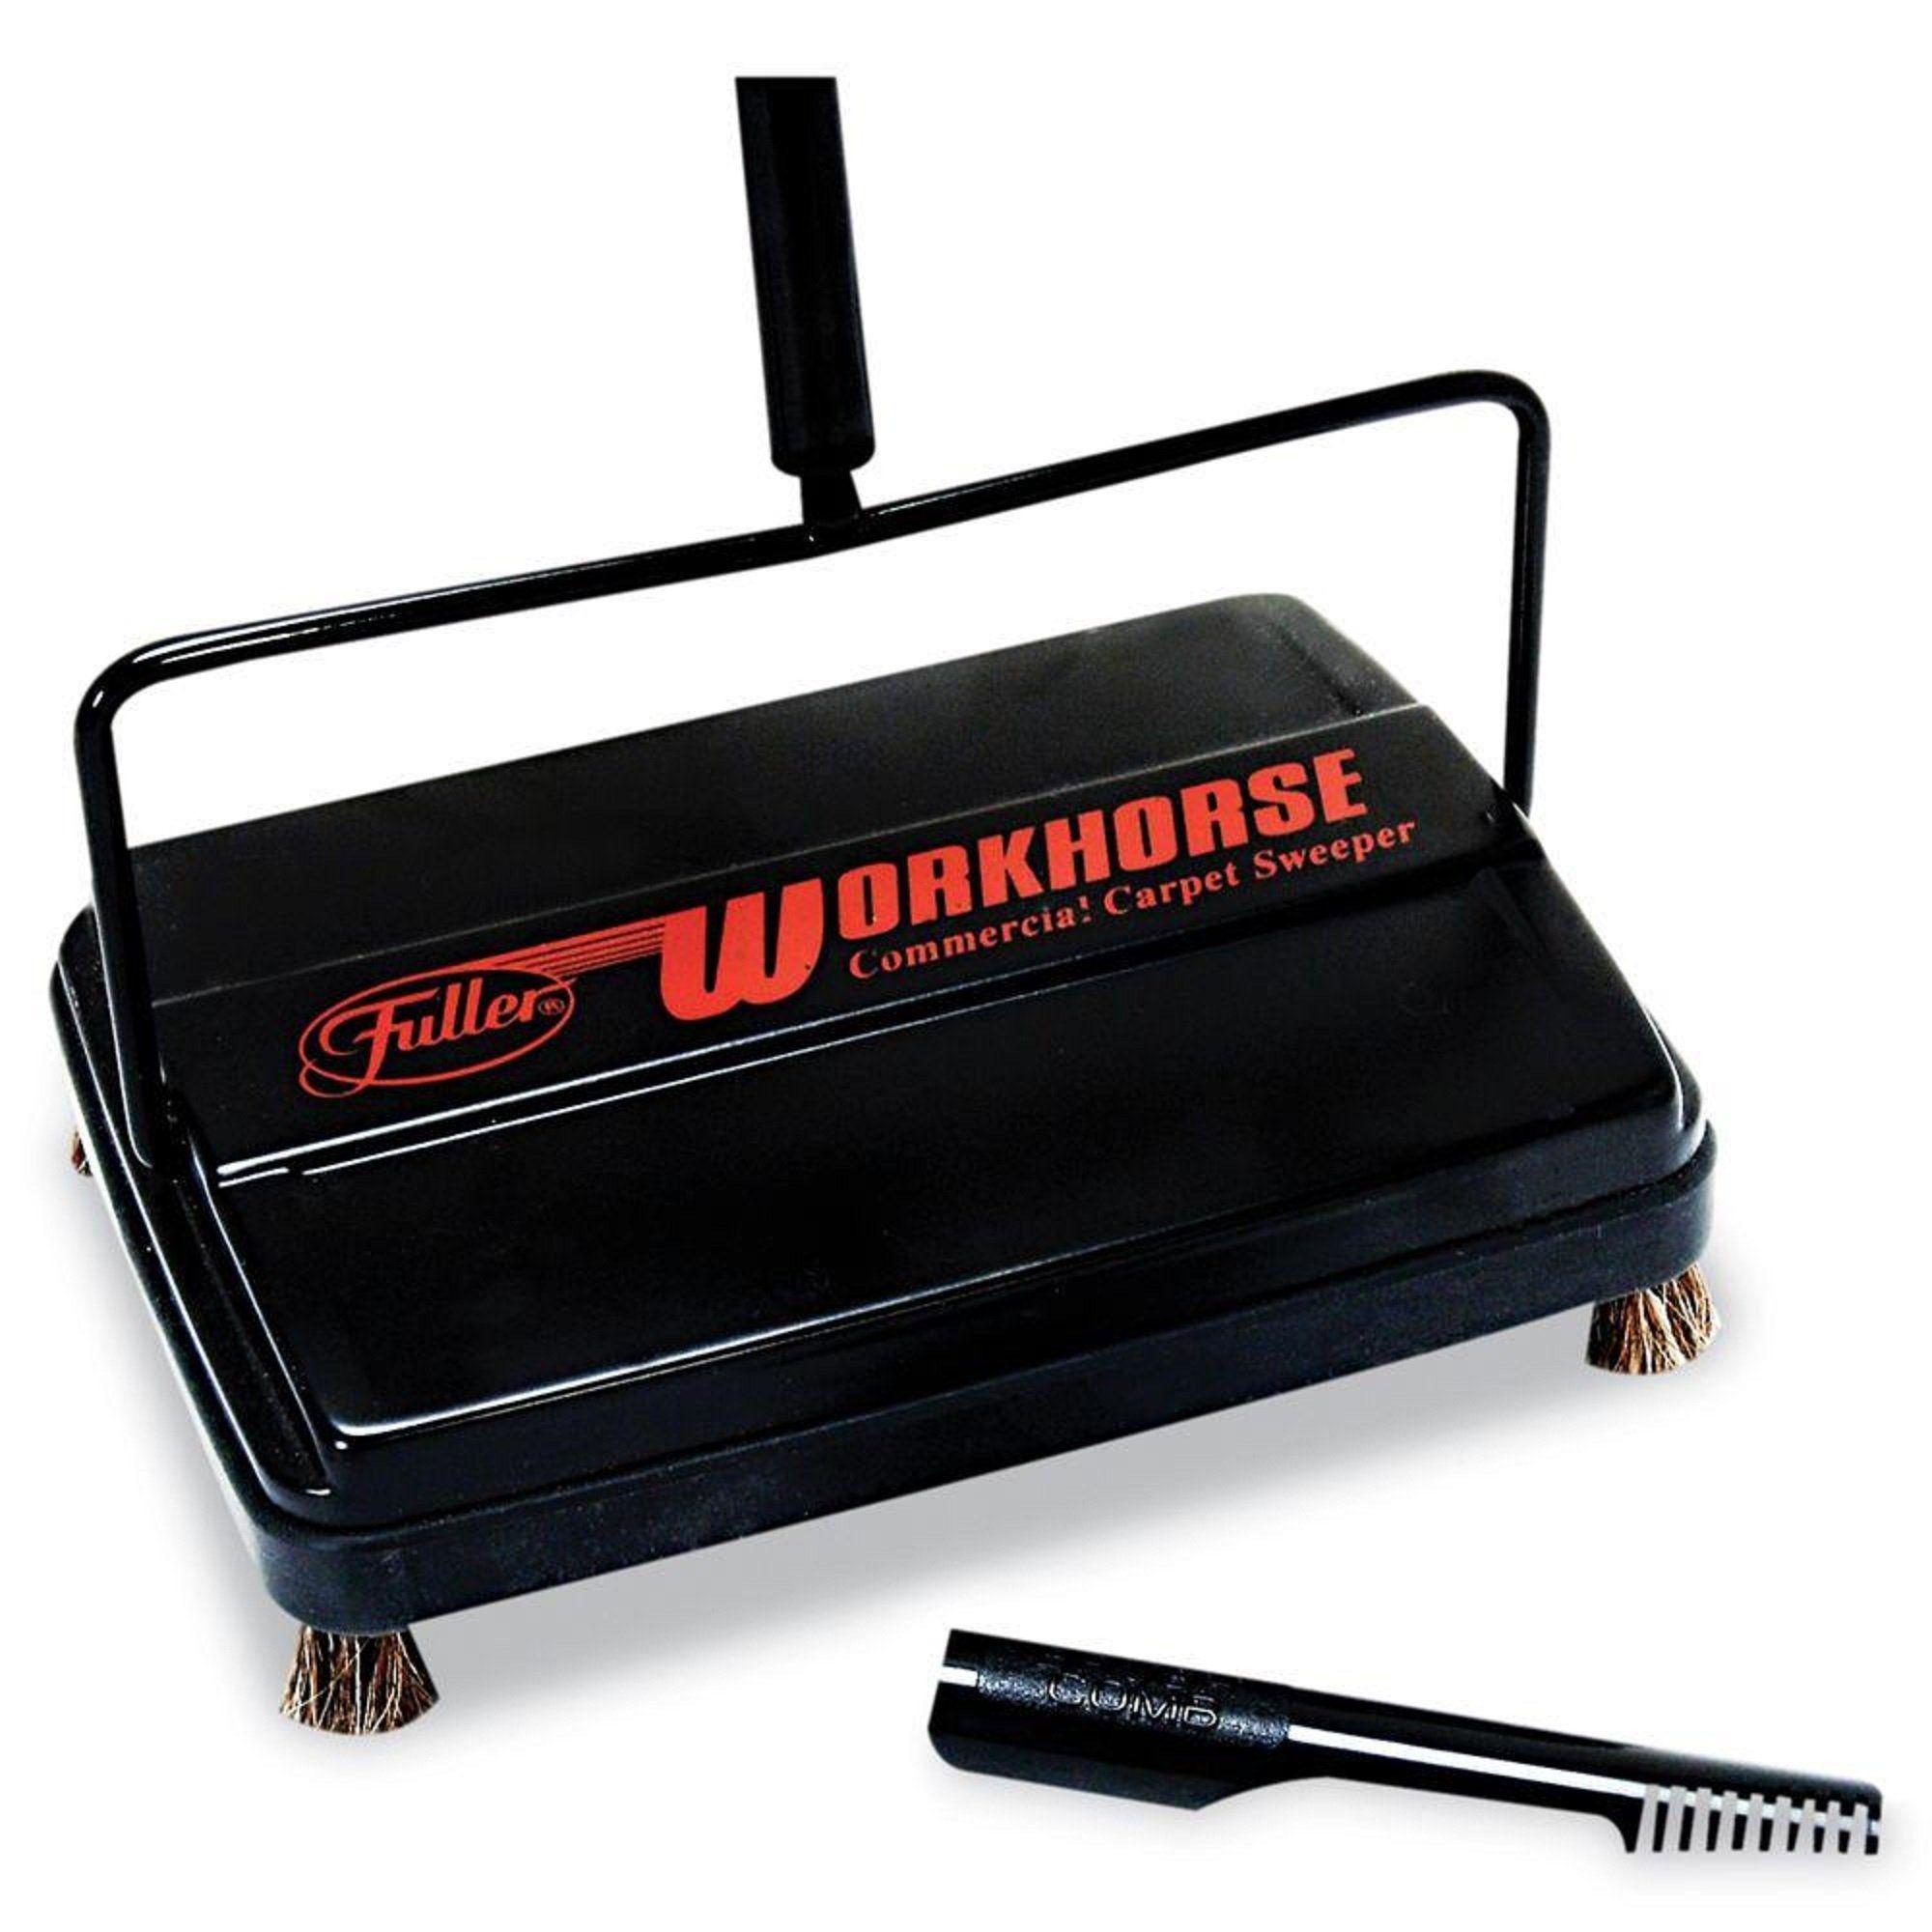 Com Fuller Brush Workhorse Commercial Carpet Sweeper Home